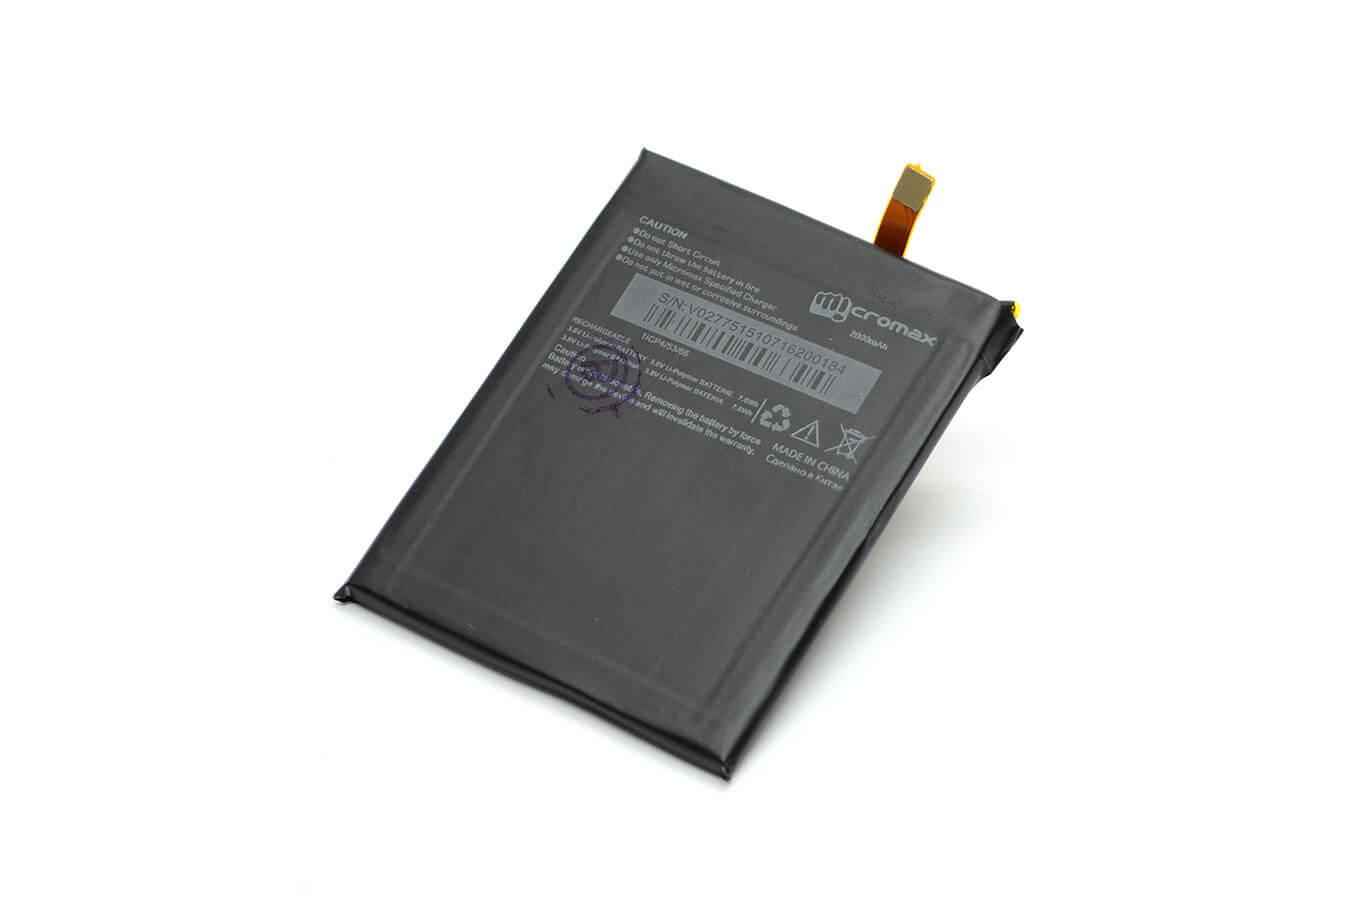 Картинка АКБ Micromax Q380 от магазина NBS Parts